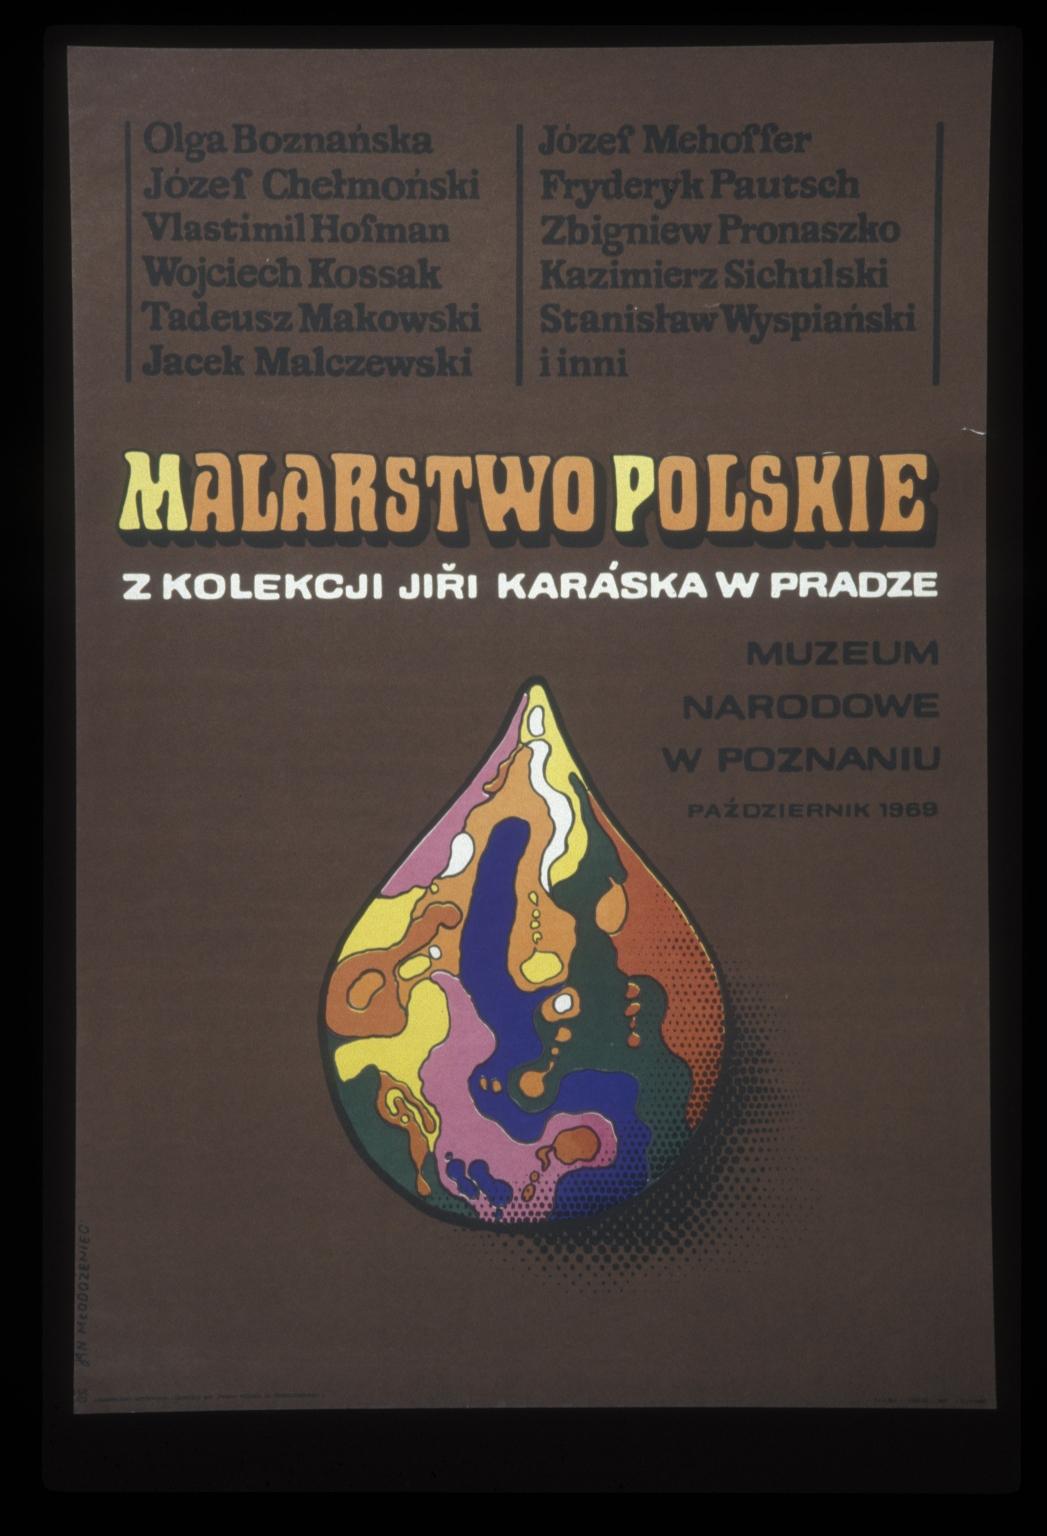 Malarstwo polskie z kolekeji Jiri Kraska w Pradze: Muzeum Narodowe w Poznaniu, pazdziernik 1969